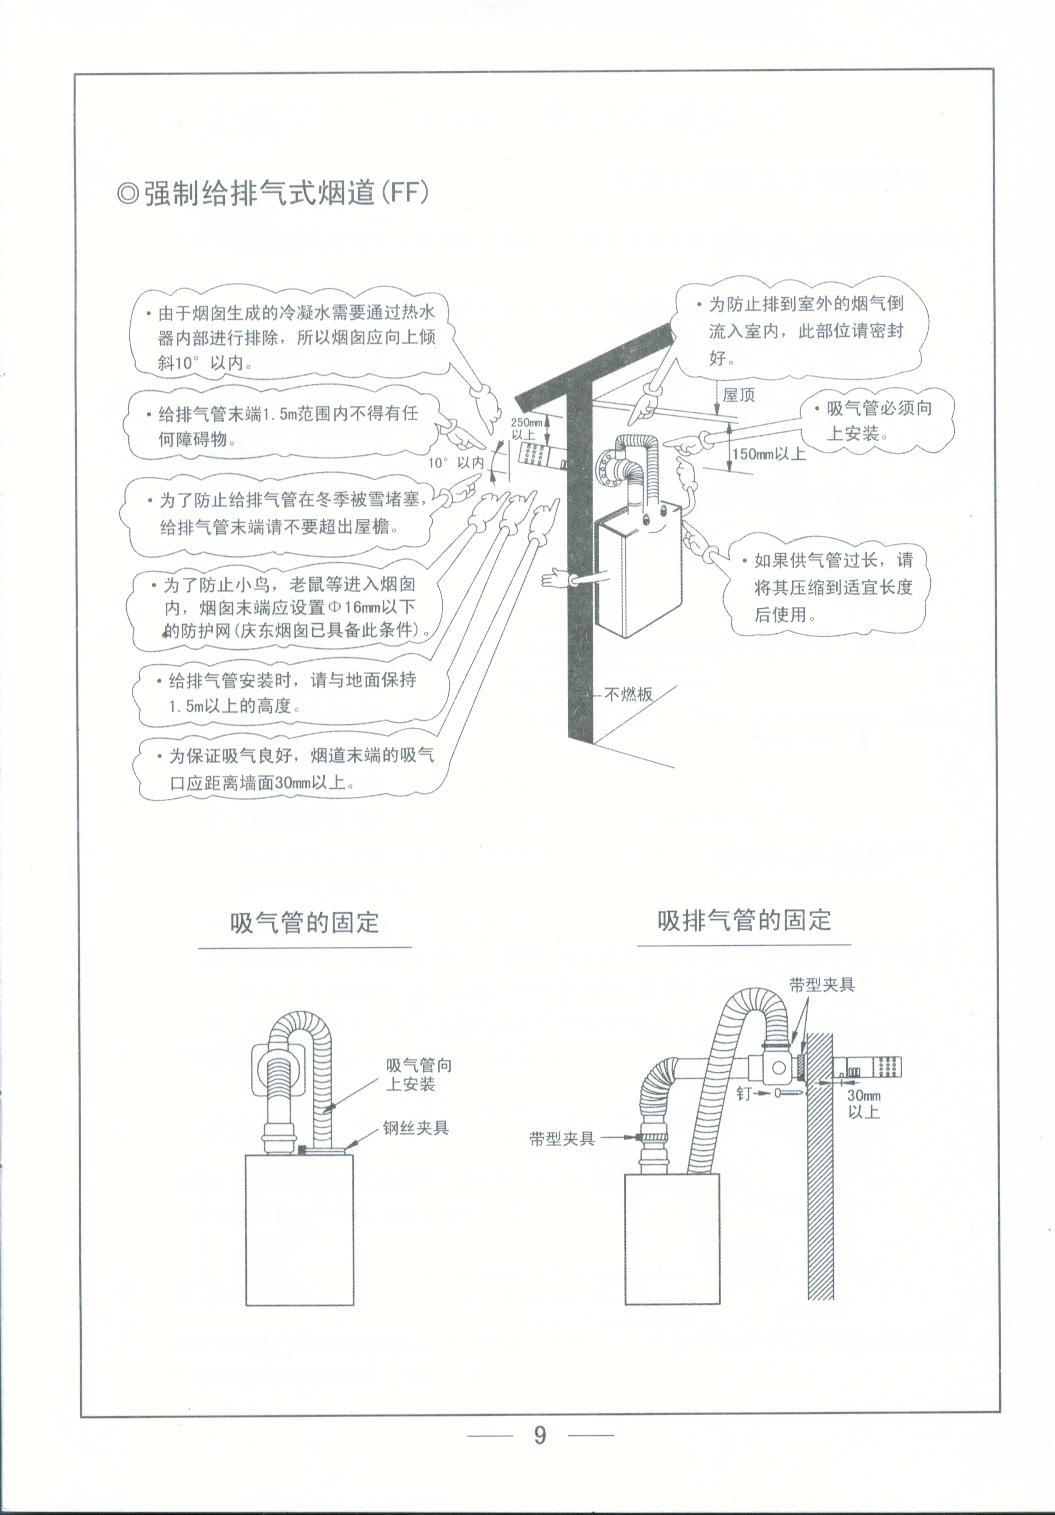 庆东冷凝式锅炉-冷凝式壁挂炉kca资料及使用说明2